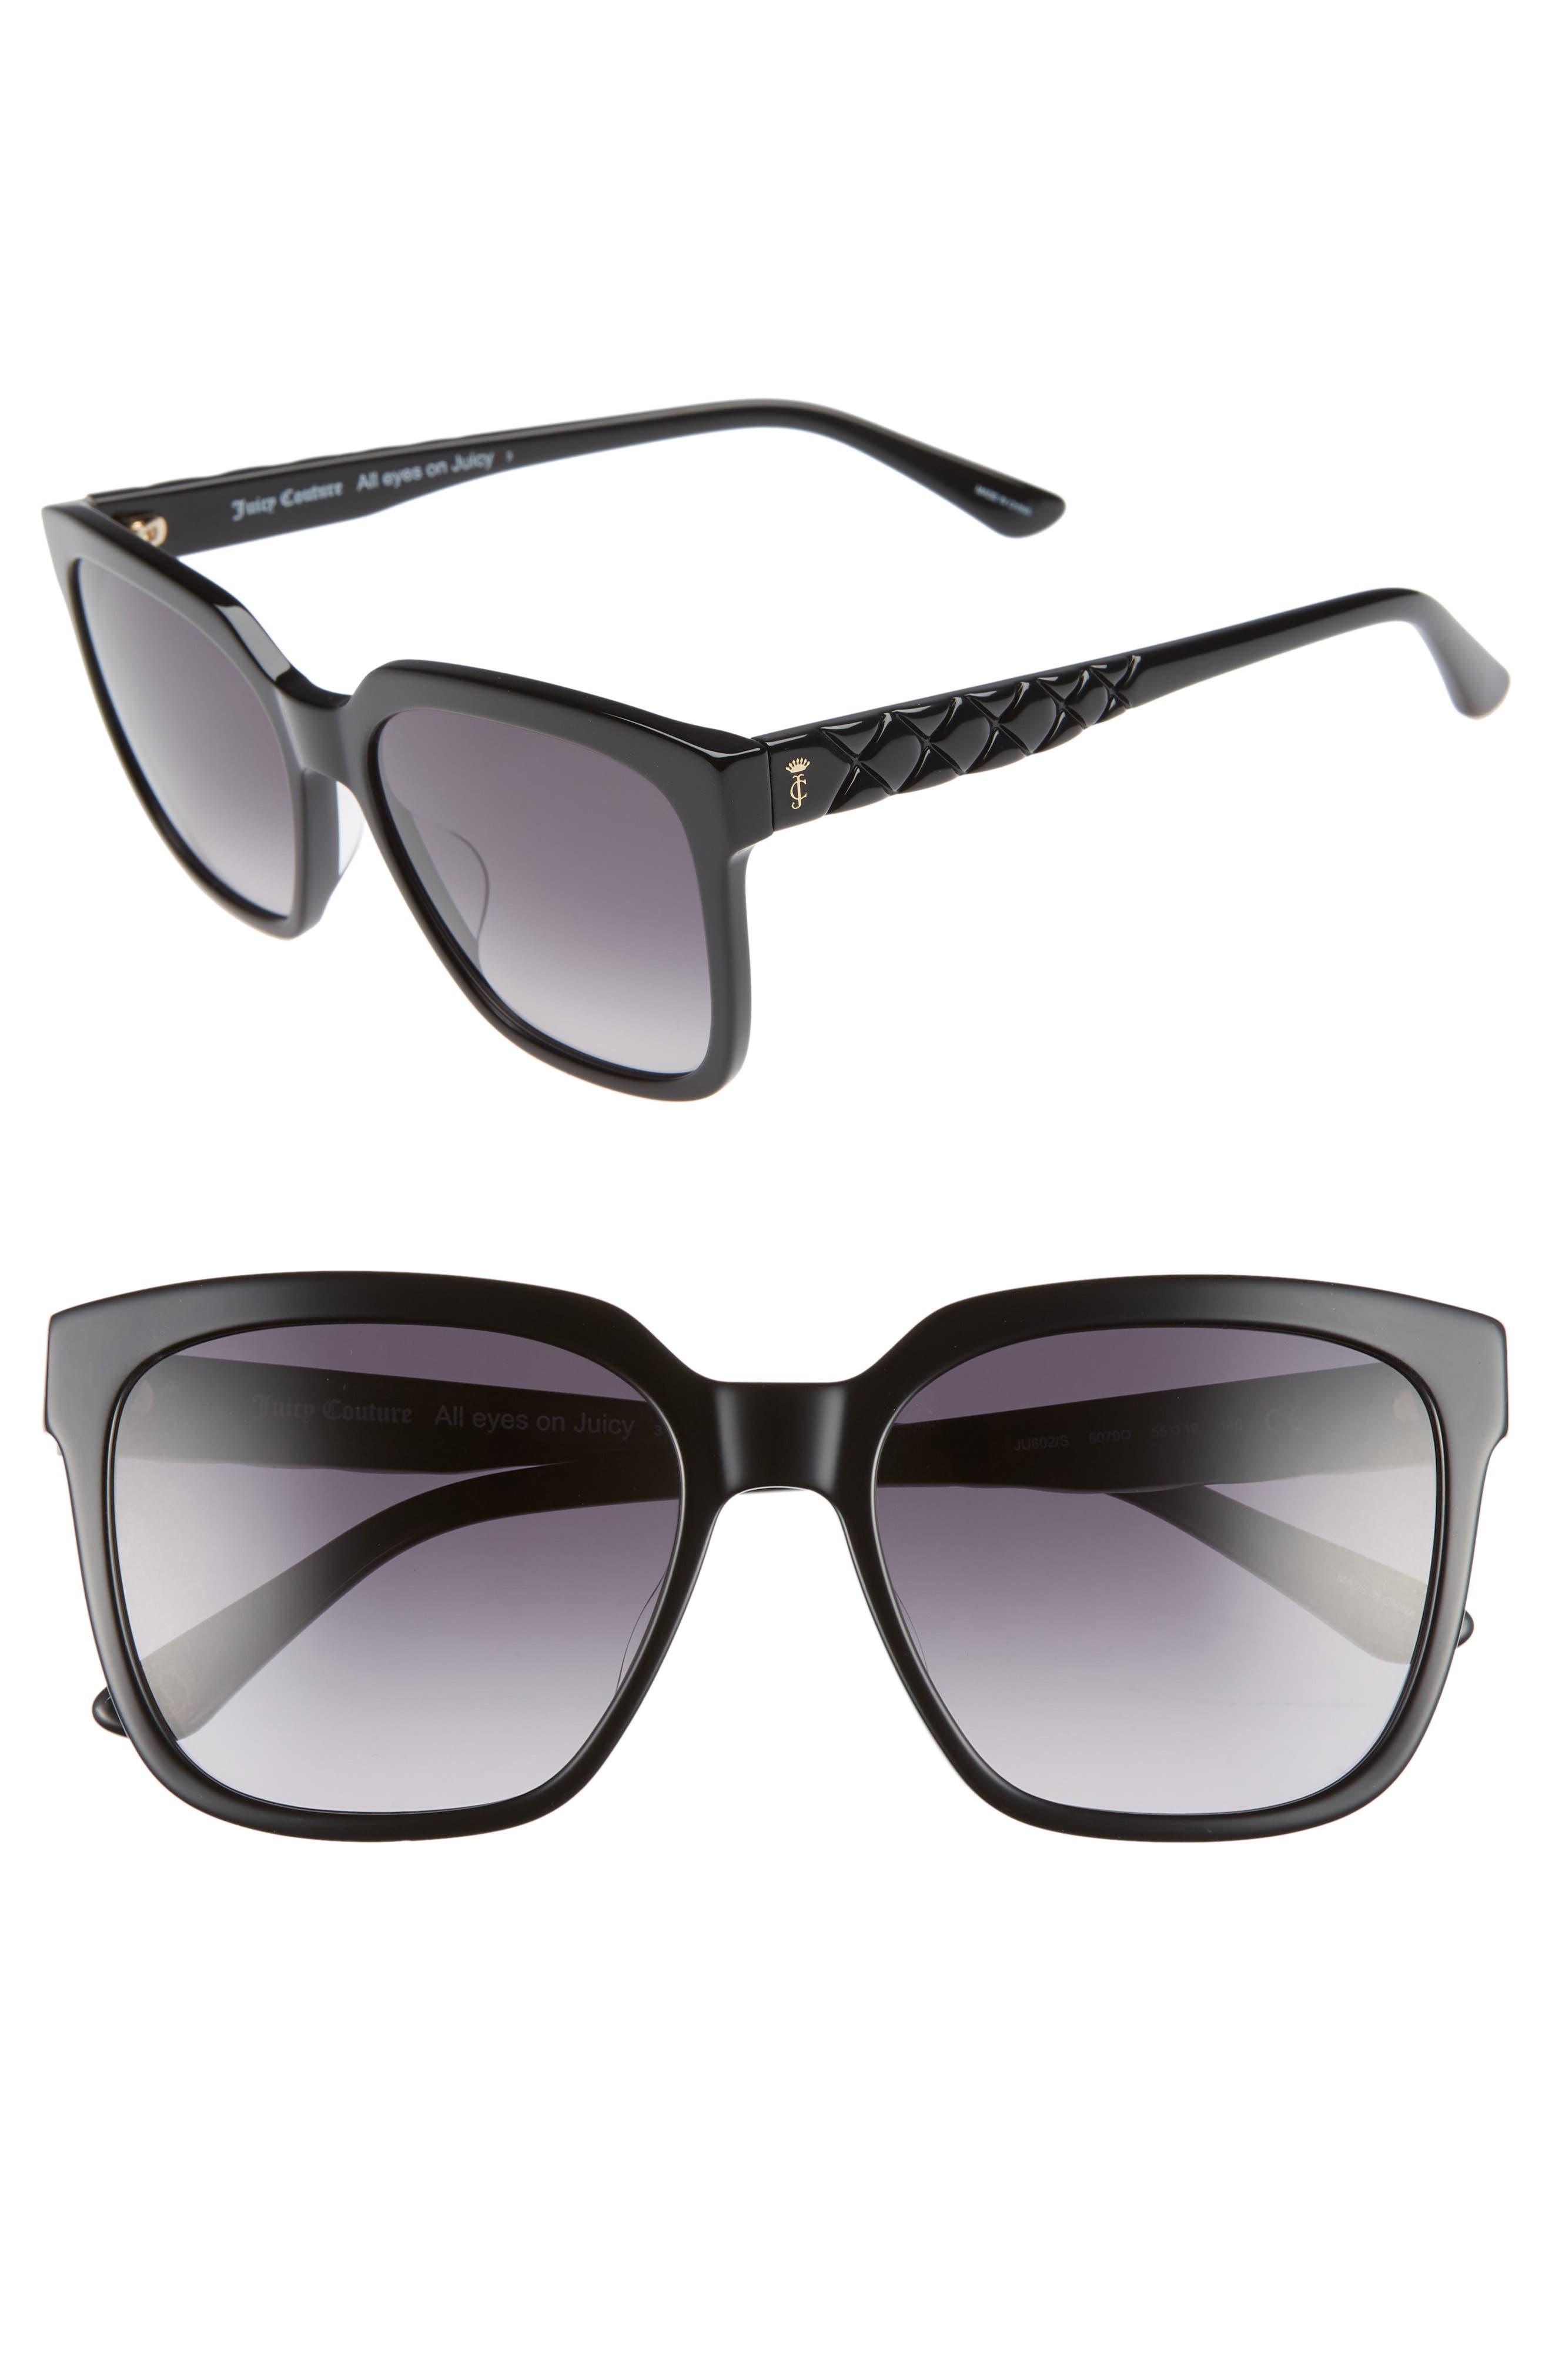 Core 55mm Square Sunglasses